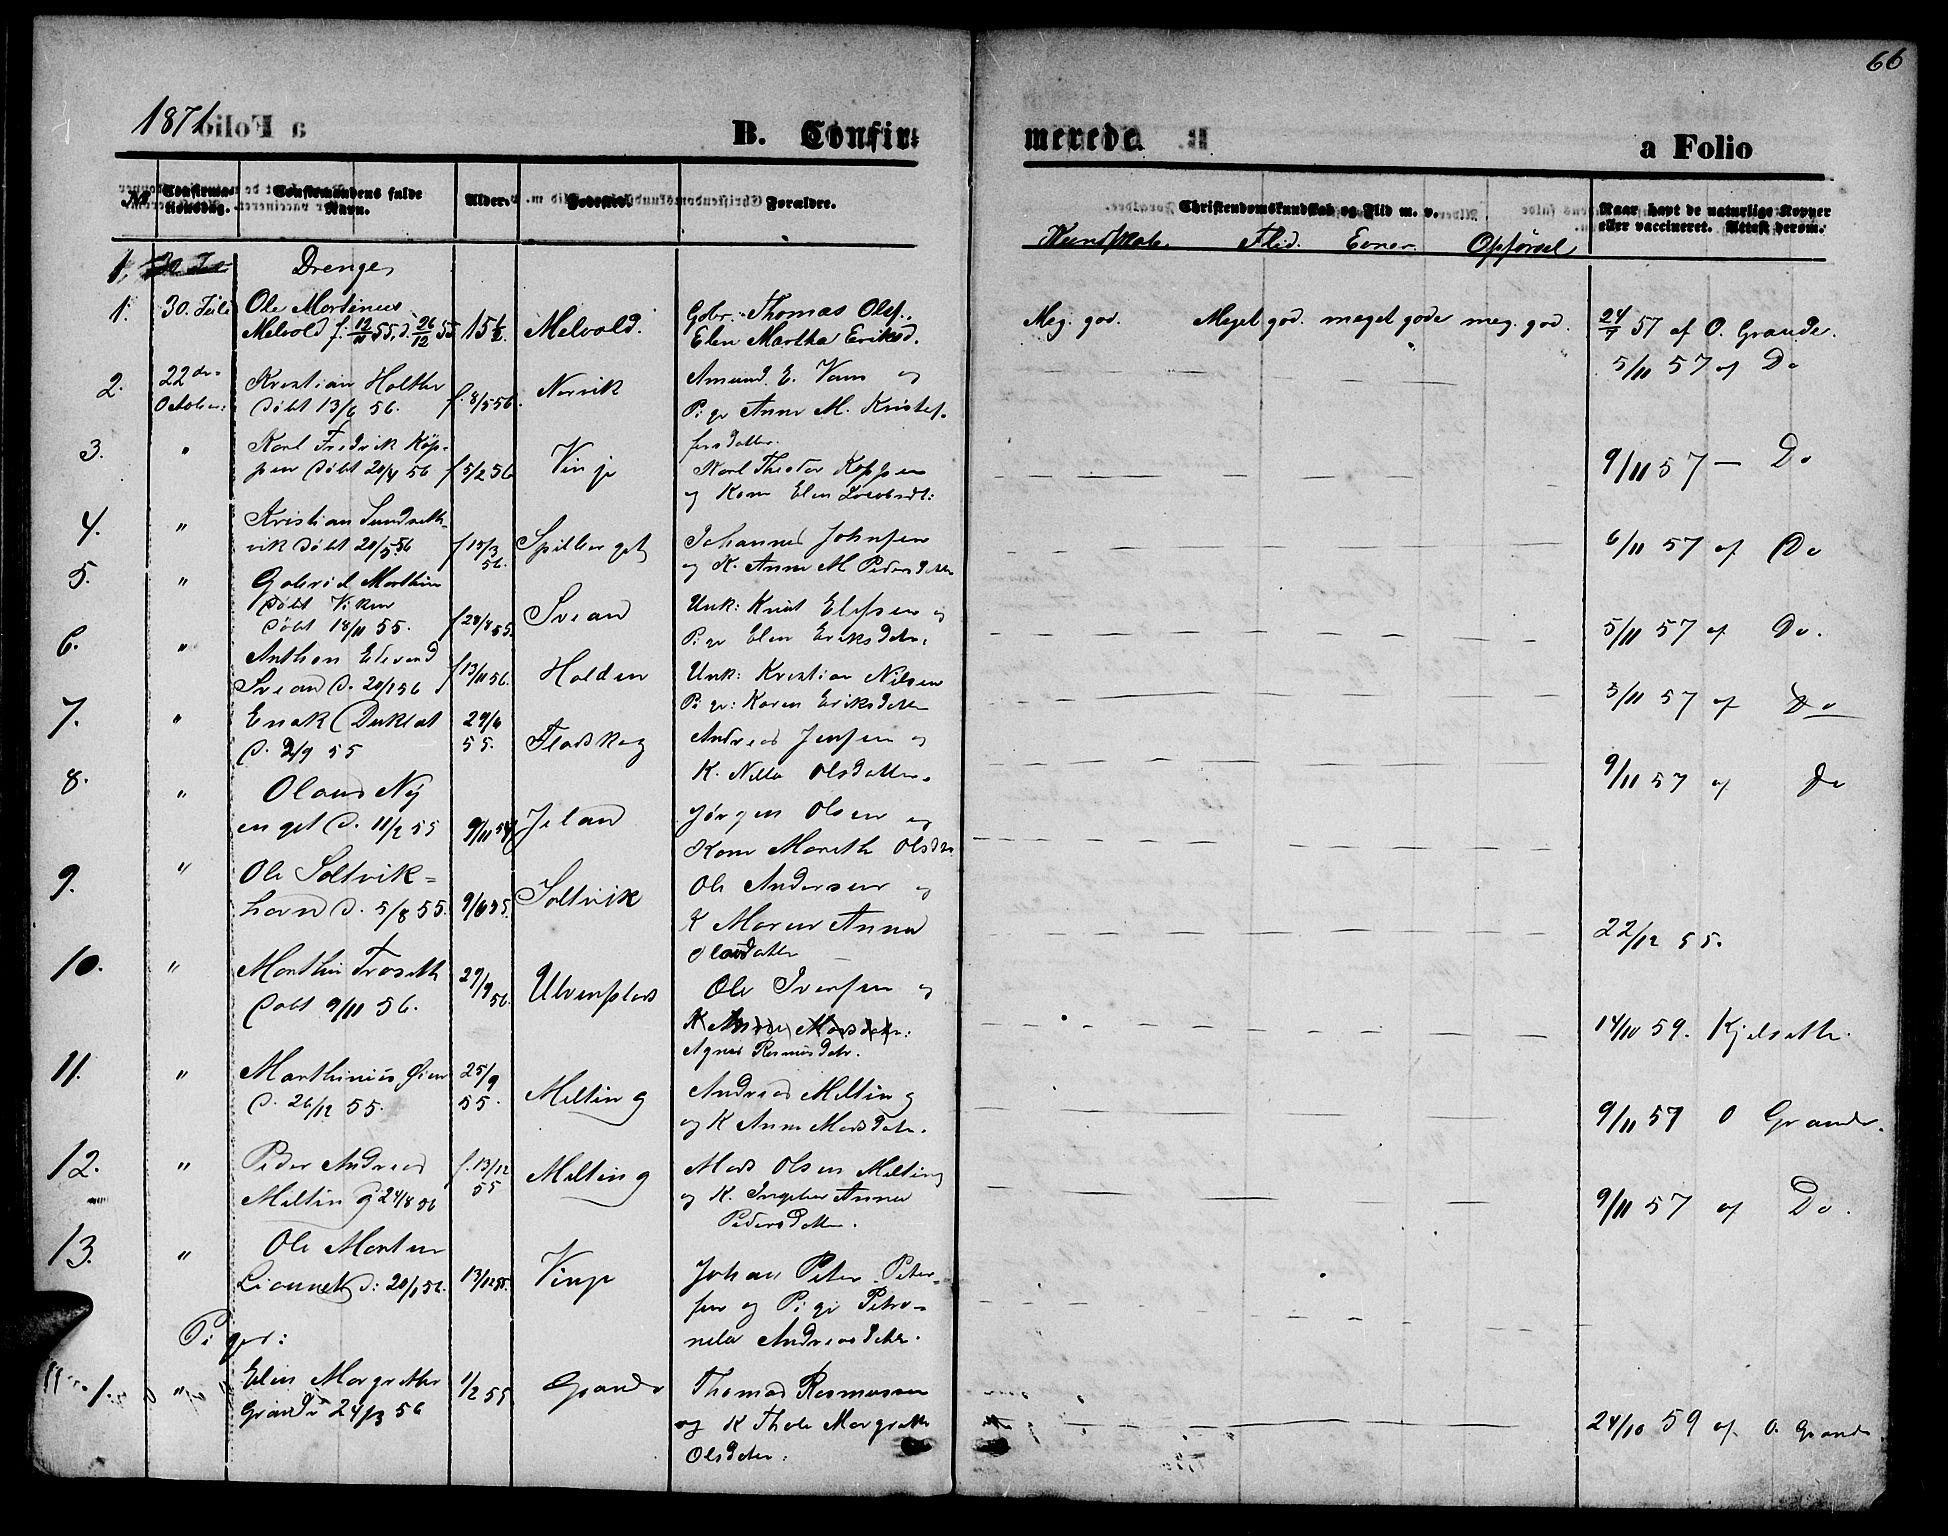 SAT, Ministerialprotokoller, klokkerbøker og fødselsregistre - Nord-Trøndelag, 733/L0326: Parish register (copy) no. 733C01, 1871-1887, p. 66